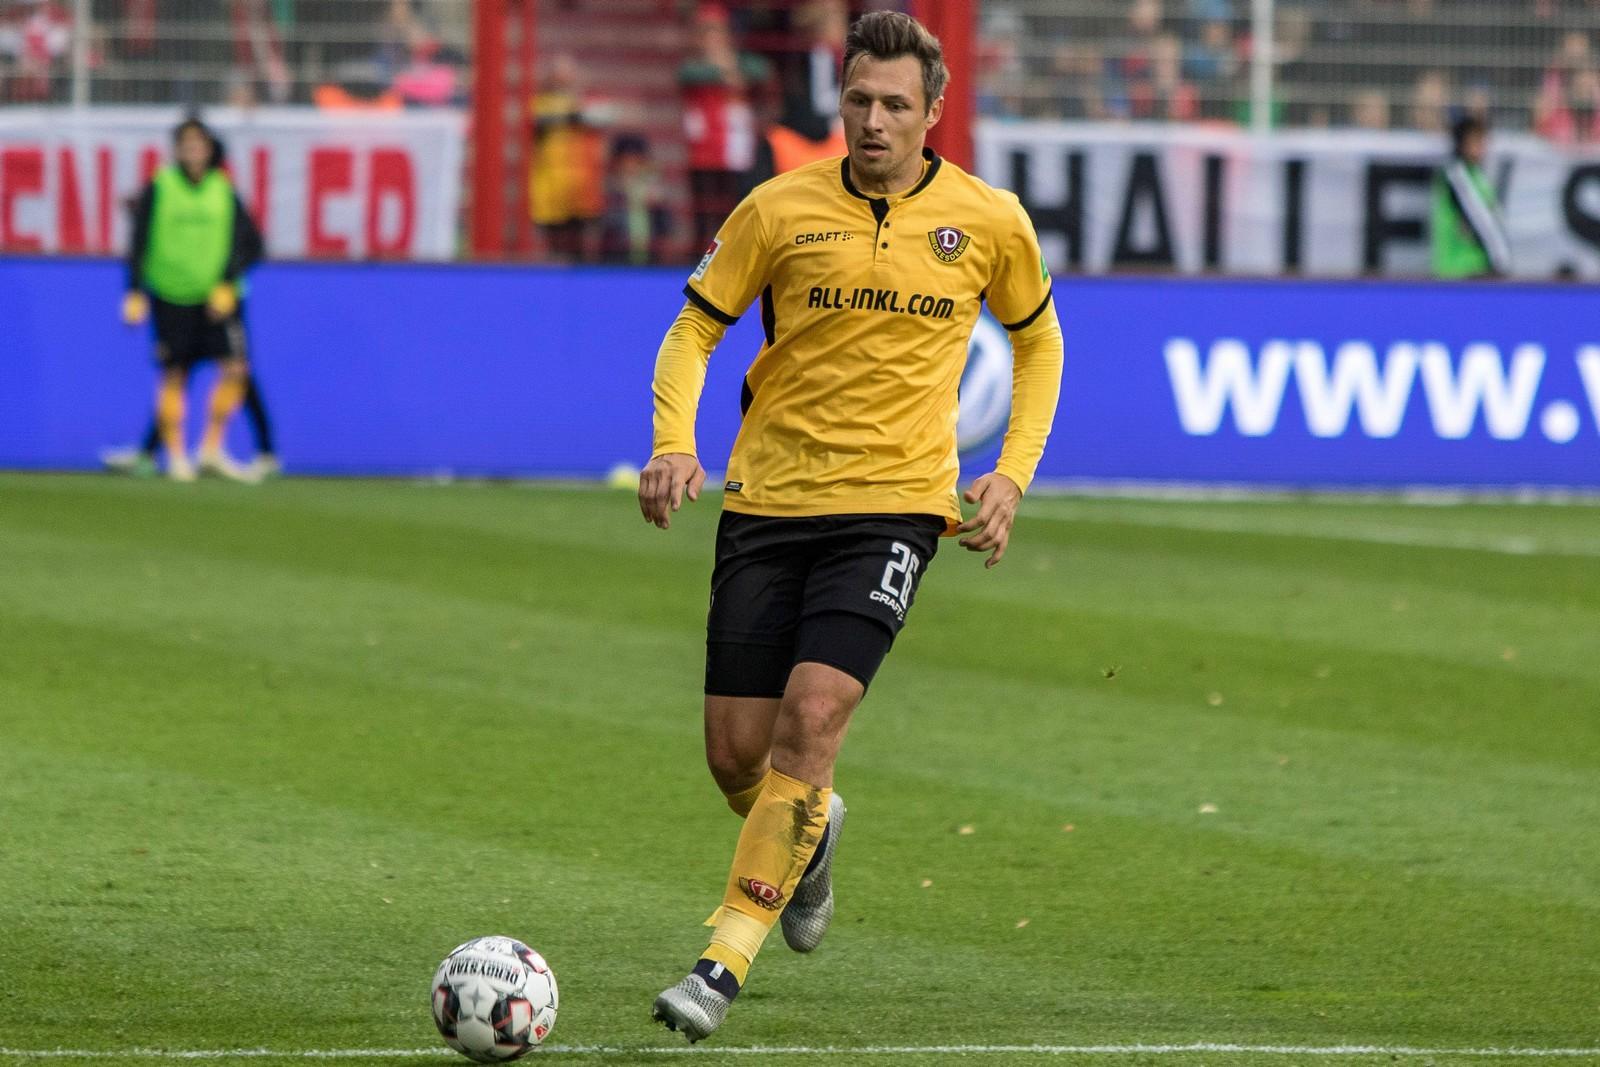 Sören Gonther von Dynamo Dresden